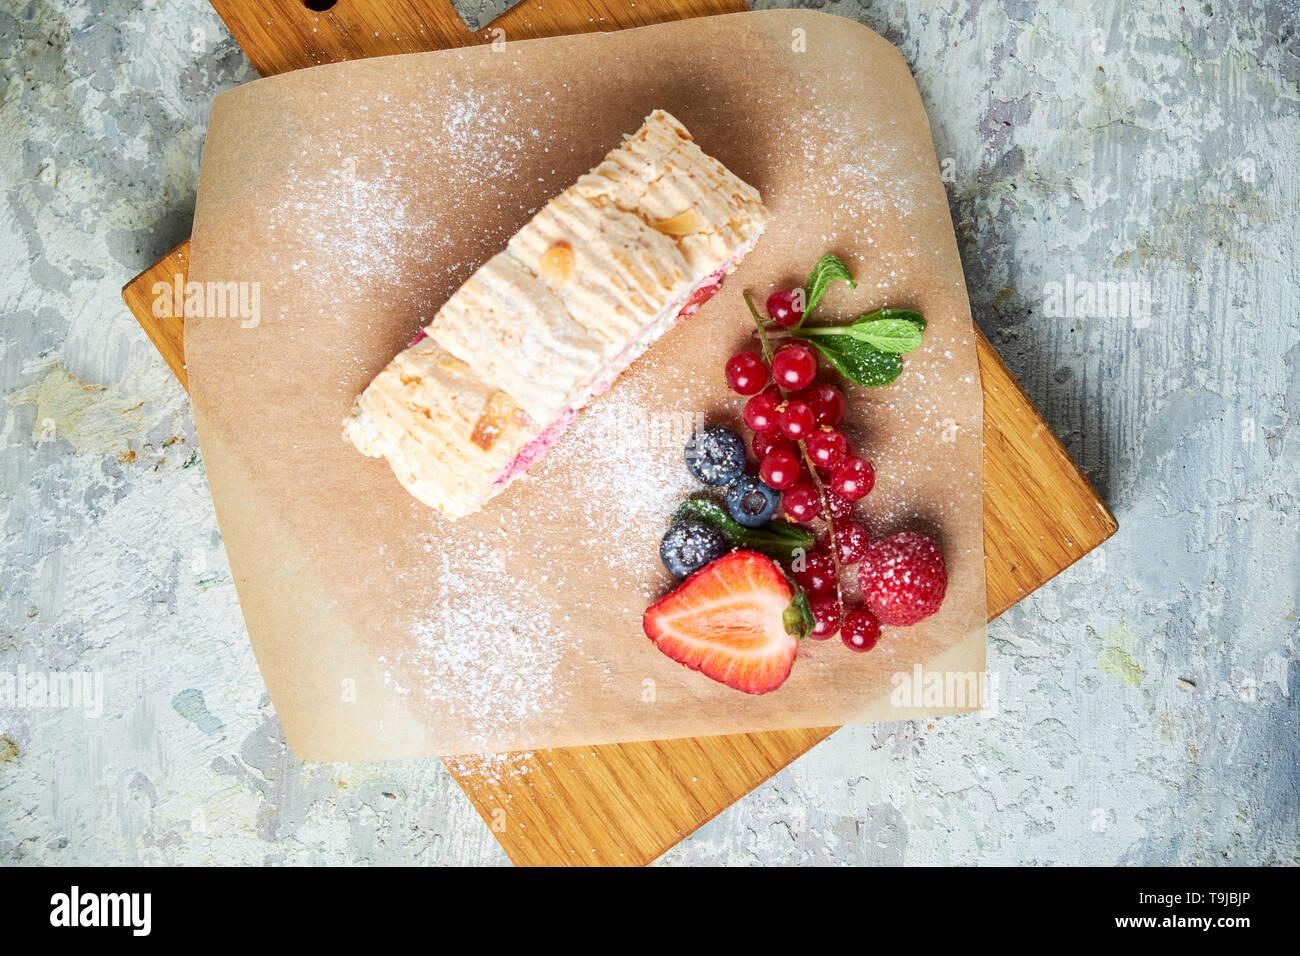 Rouleau de meringue est décoré avec des baies sur une planche de bois. Vue de dessus.fond texturé gris. Beaux plats de service. Le Dessert. La chaîne alimentaire Banque D'Images